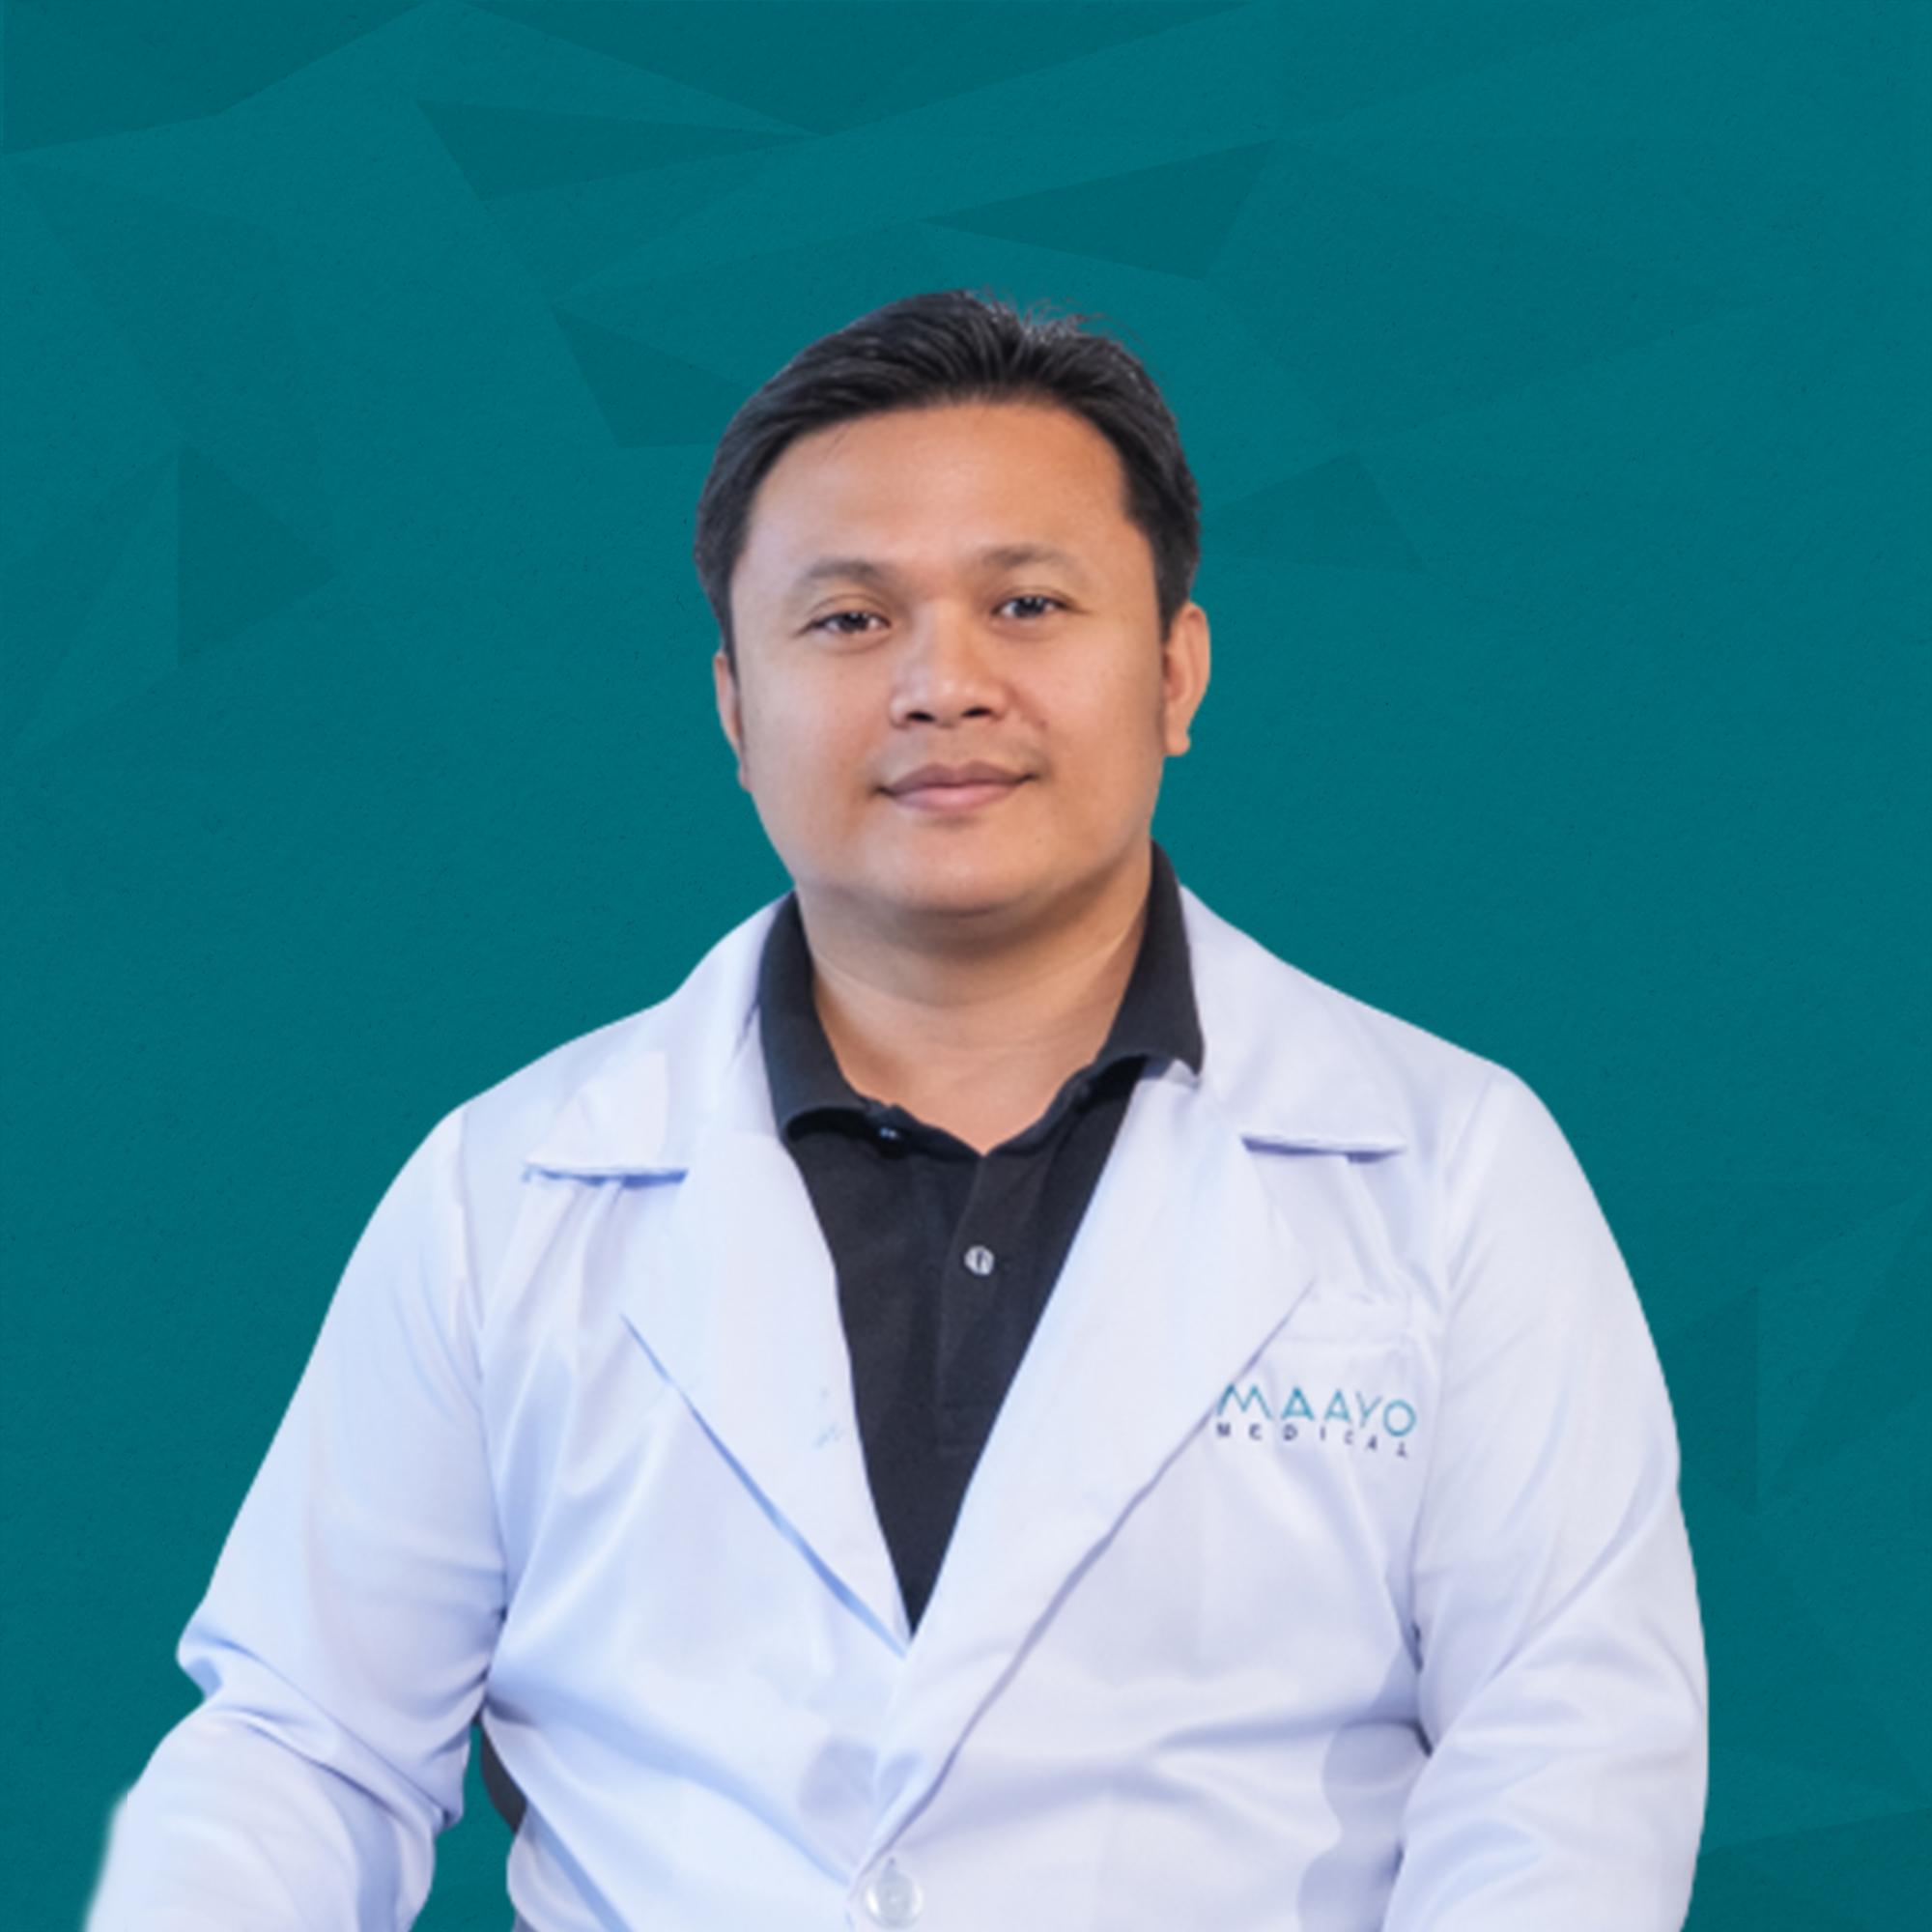 Dr. Bordeos, Lloyd